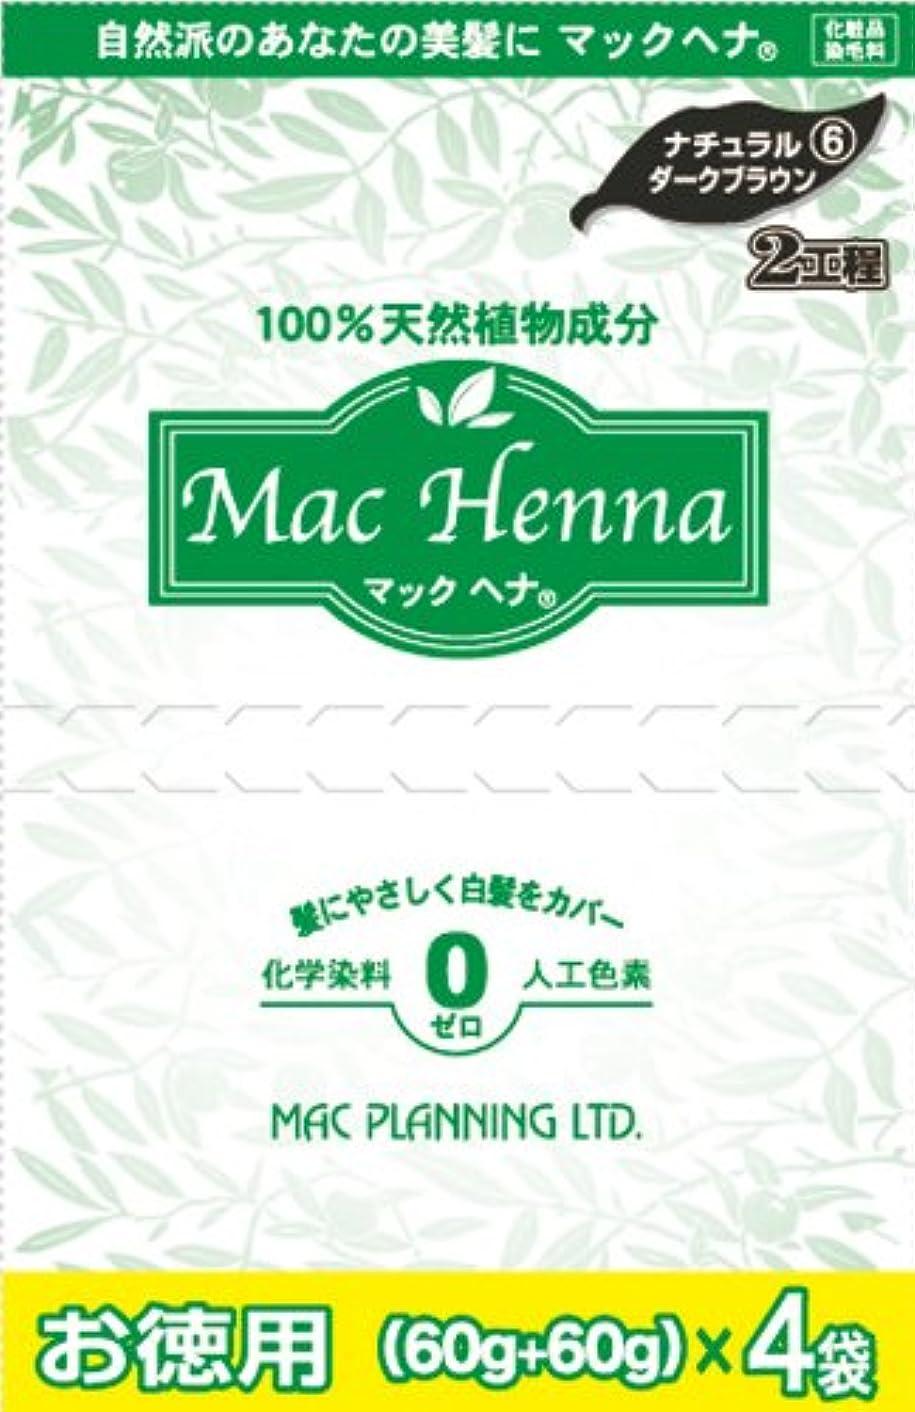 アルバム混合したクラウン天然植物原料100% 無添加 マックヘナ お徳用(ナチュラルダークブラウン)-6  ヘナ240g(60g×4袋)?インディゴ240g(60g×4袋) 3箱セット